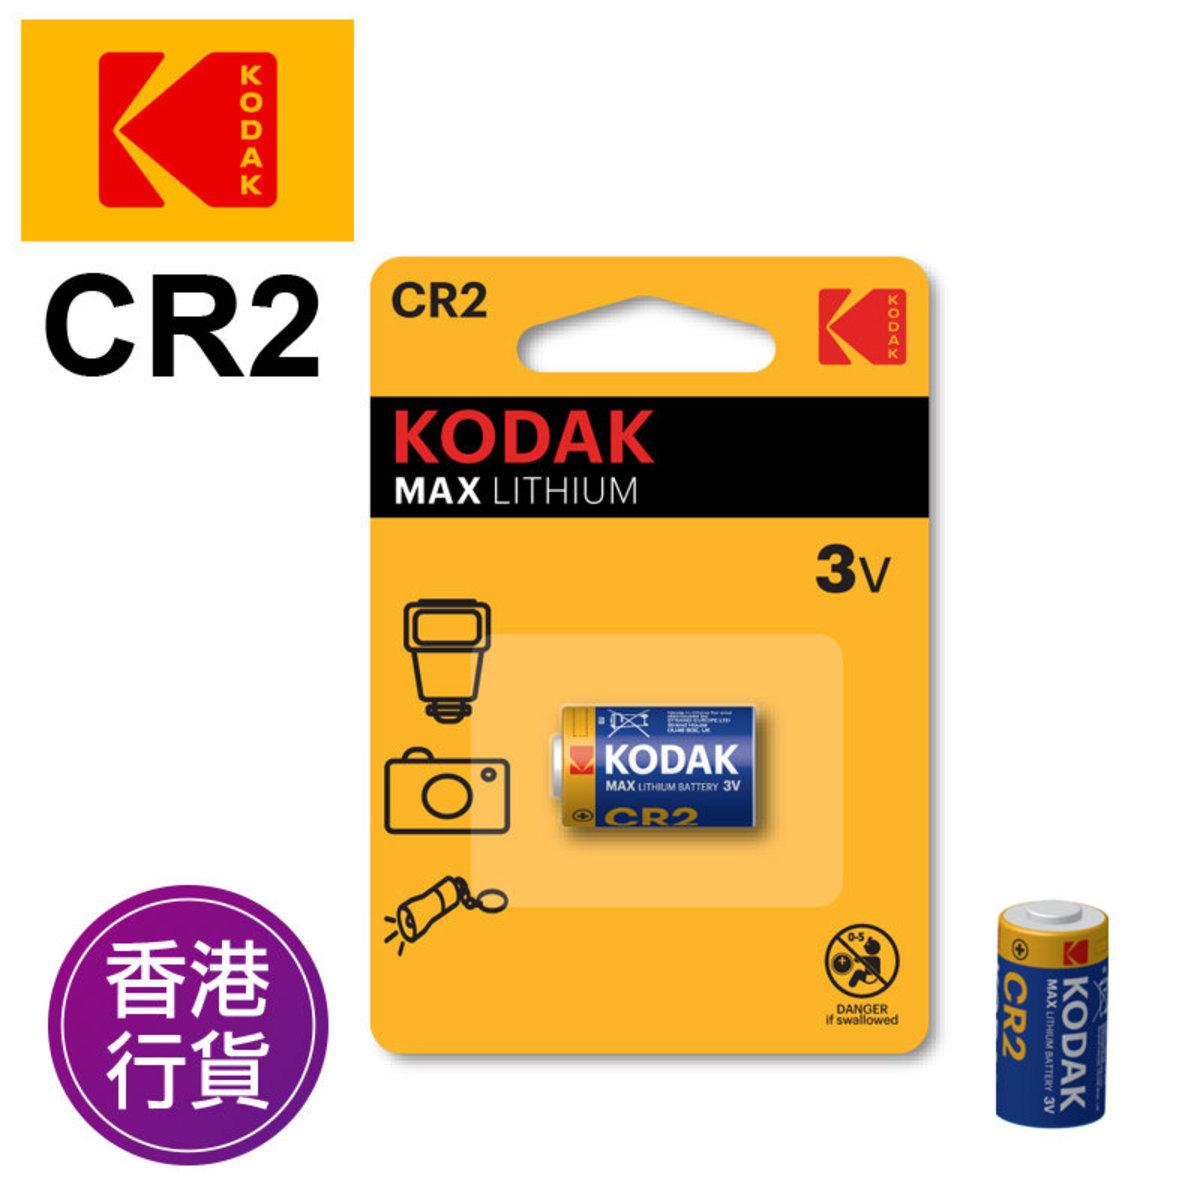 香港行貨 CR2 電池 KCR2 MAX Lithium 3V battery